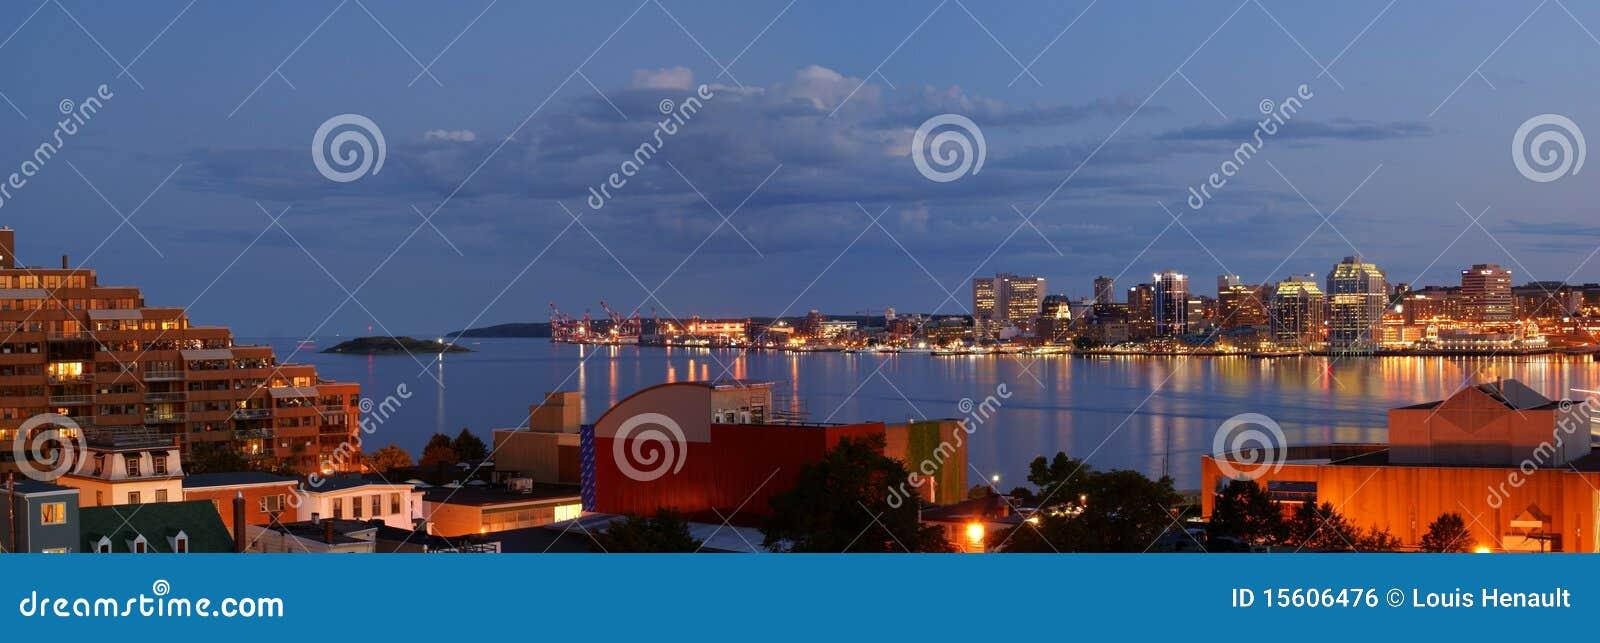 De haven van Halifax